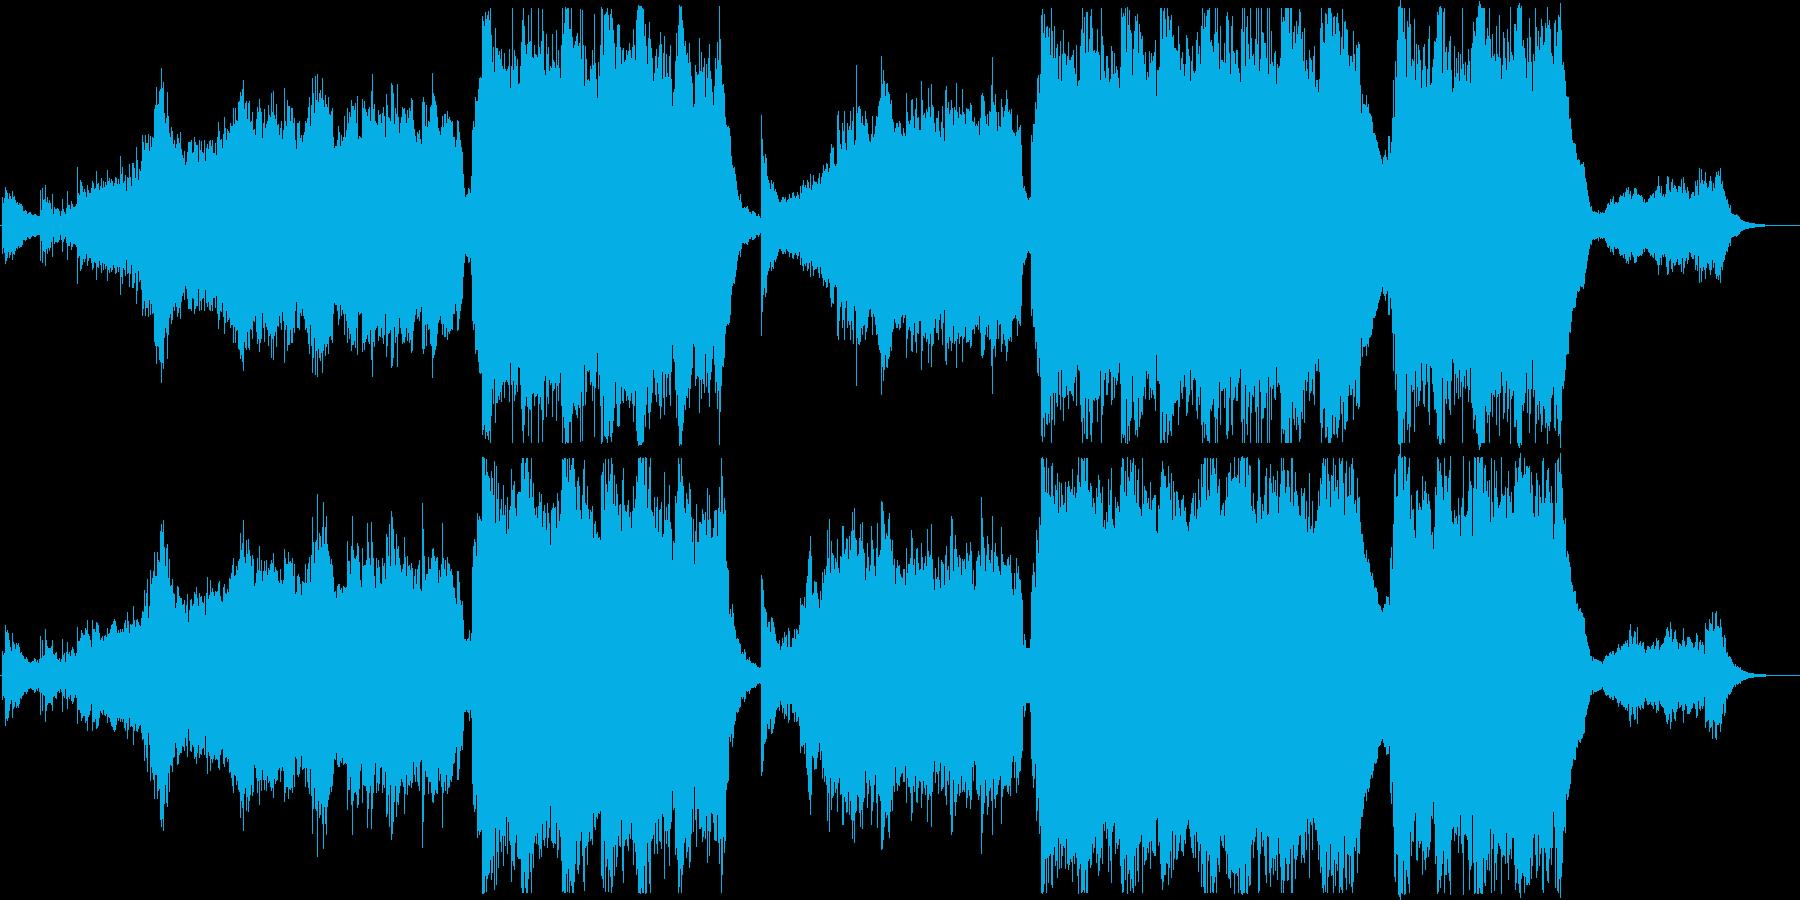 宇宙・近未来的な壮大で美しいエピック曲の再生済みの波形